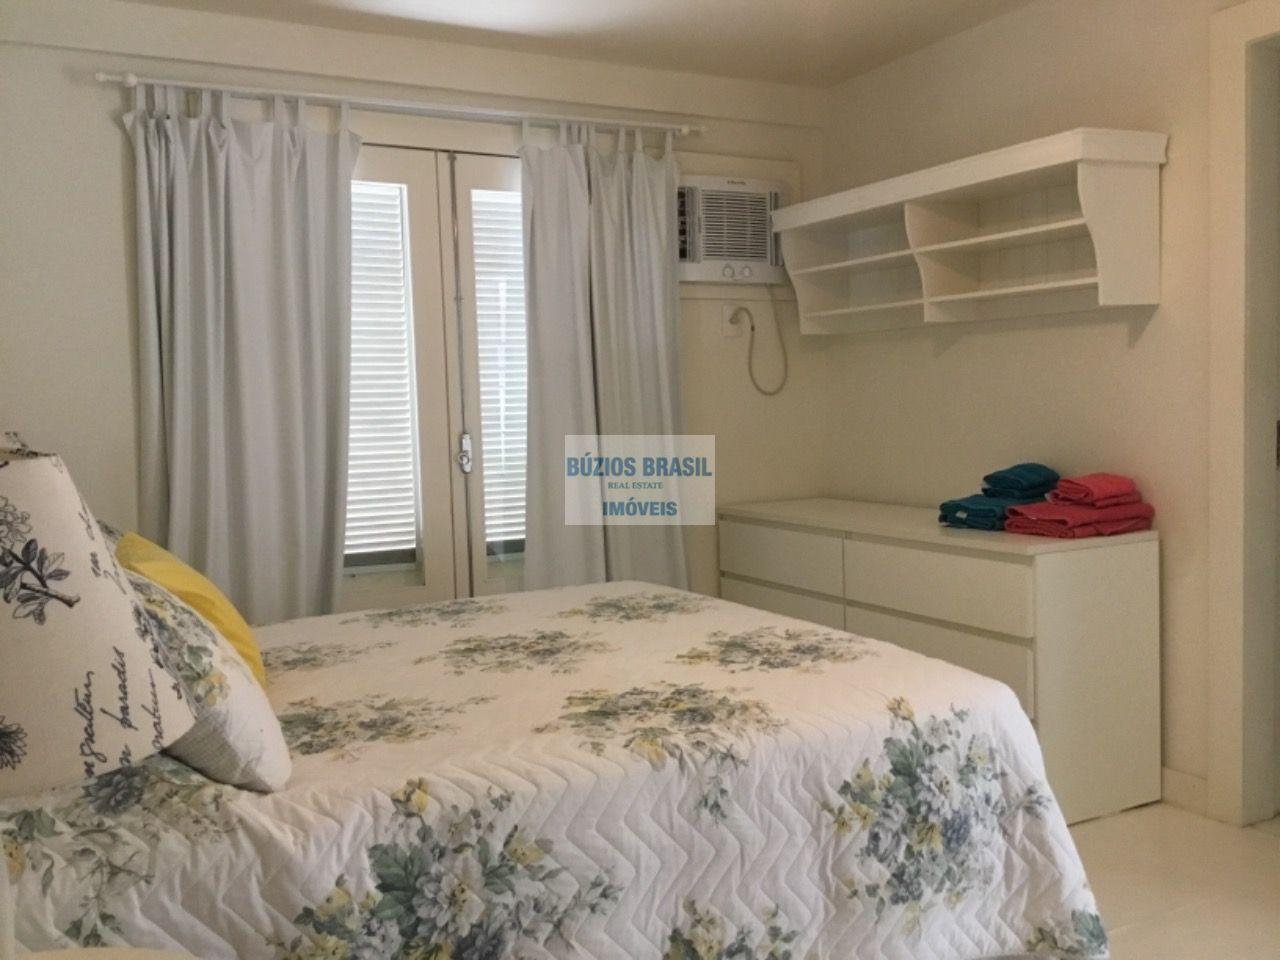 Casa 7 quartos para alugar Ferradura, Ferradura 70m Praia,Armação dos Búzios - LTFR1 - 23